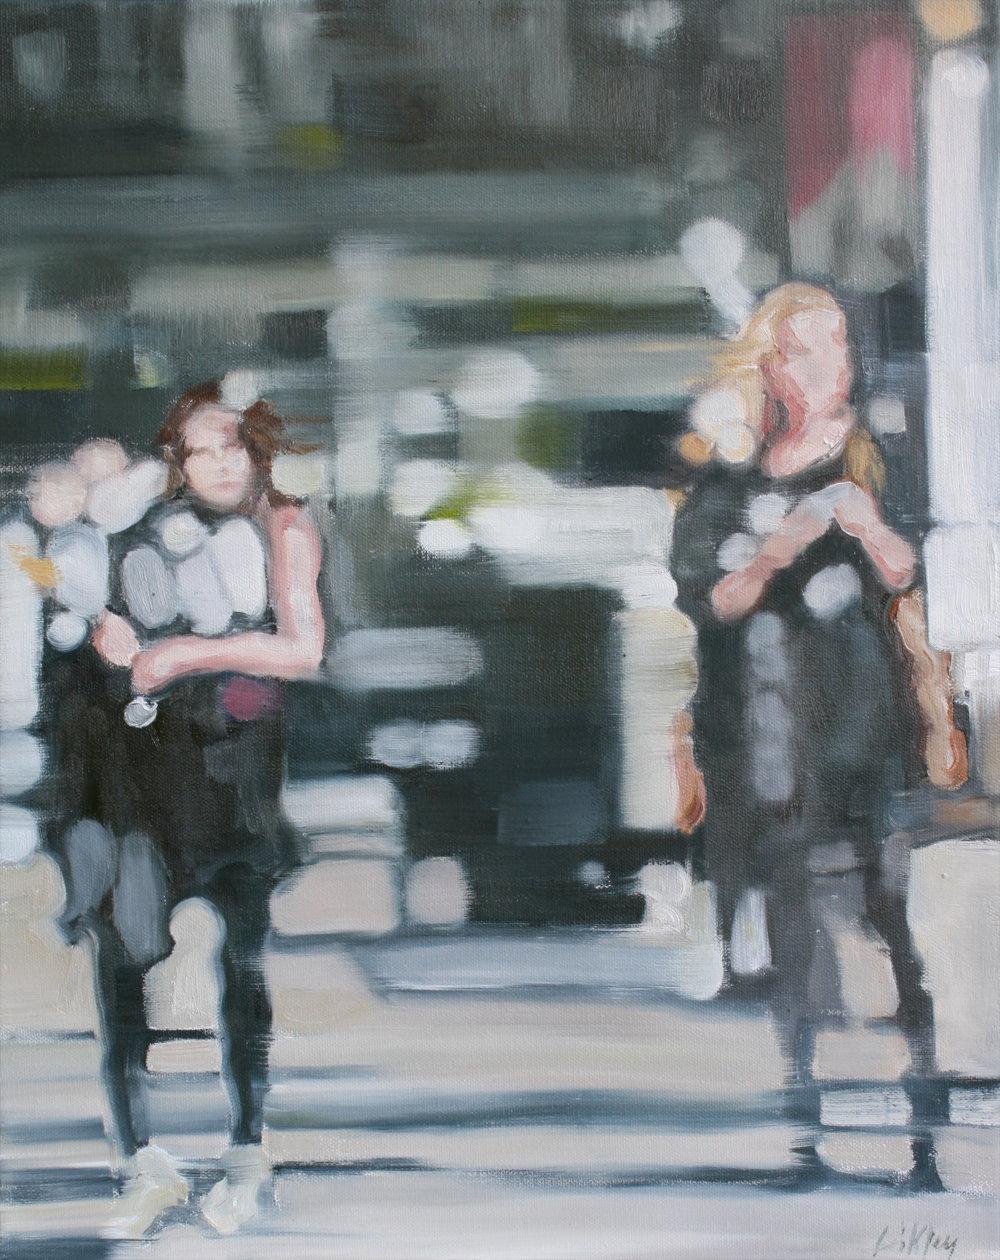 16x20 2 women on street.jpg